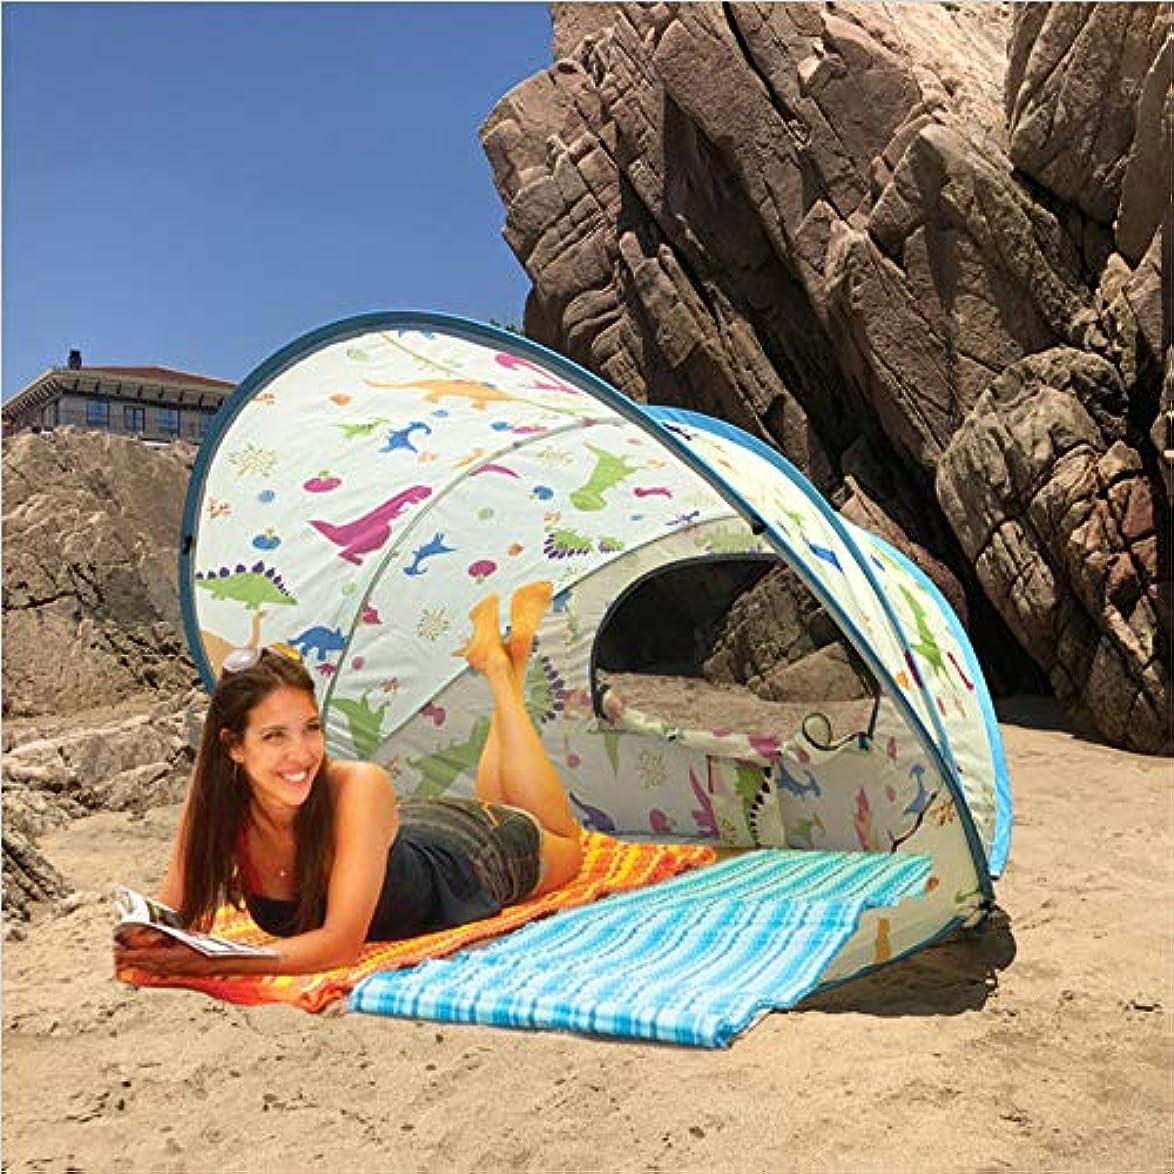 巧みな性格親密なビーチテント紫外線保護3-4人フルオート屋外スピードオープン折りたたみ釣りテント130×130×105センチメートルc